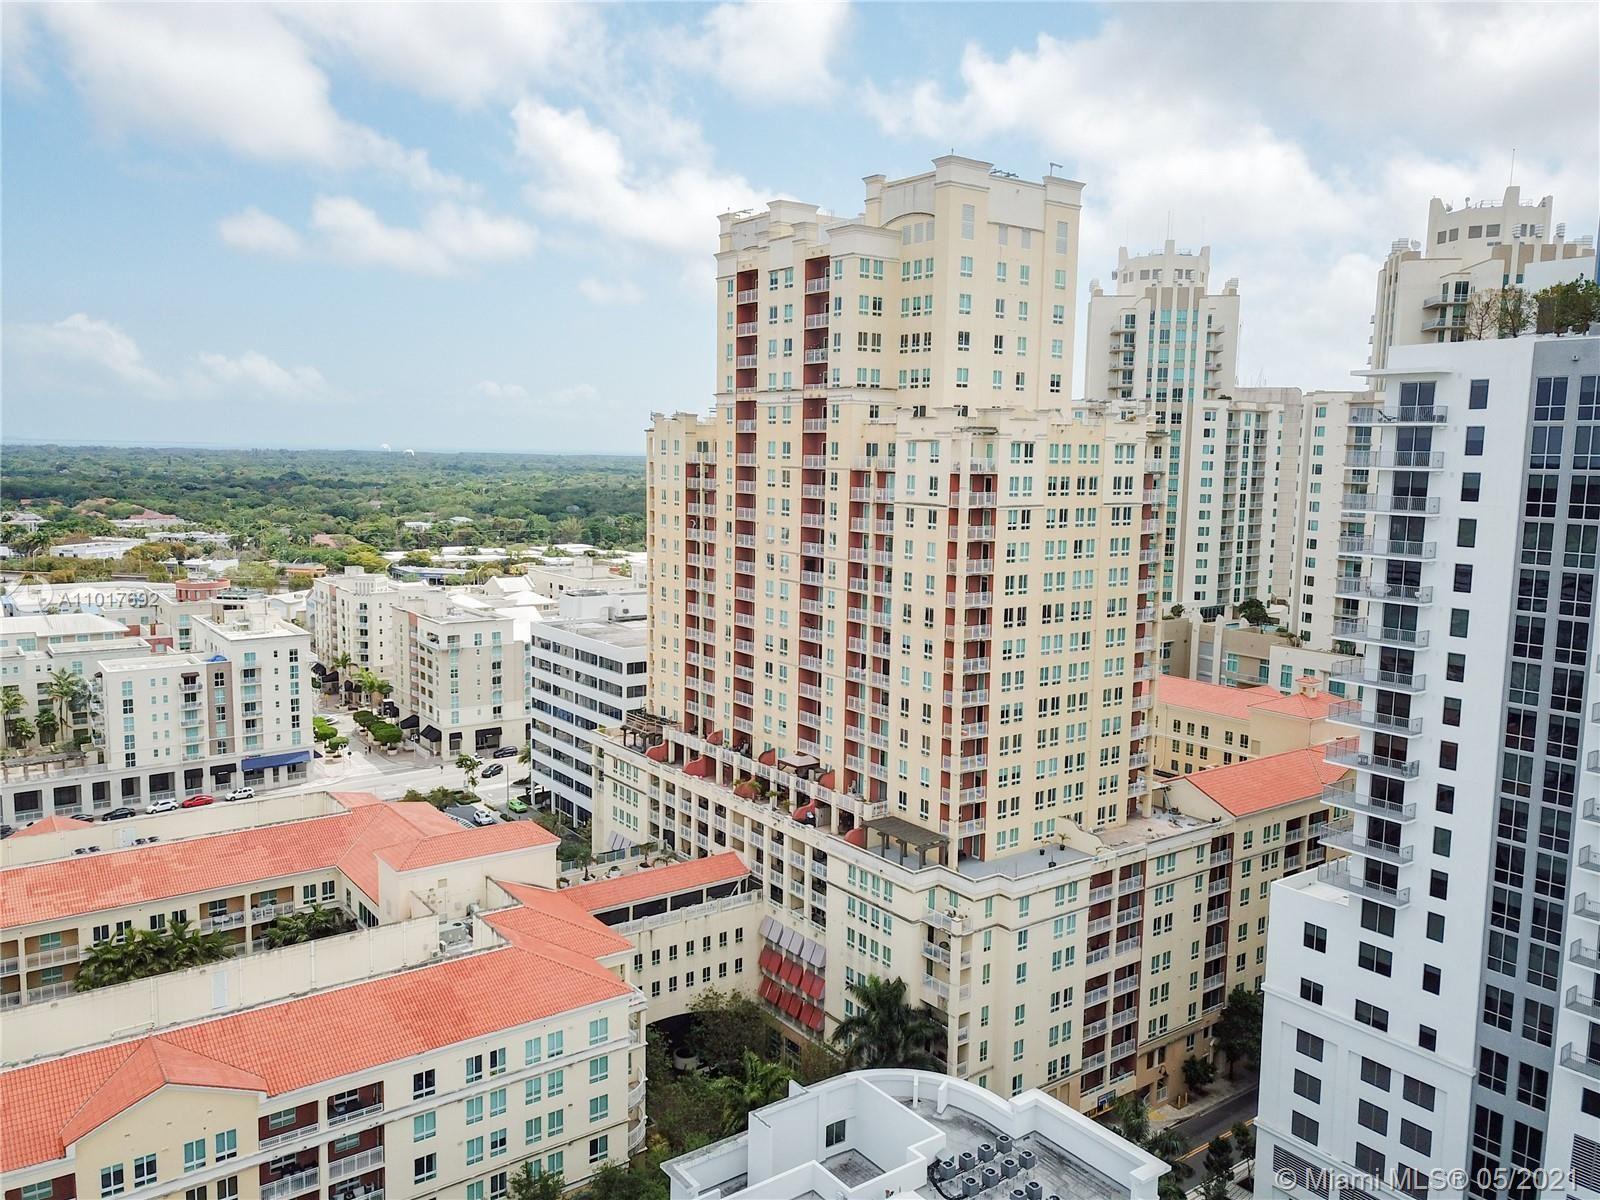 7350 SW 89th St #716S, Miami, FL 33156 - #: A11017692